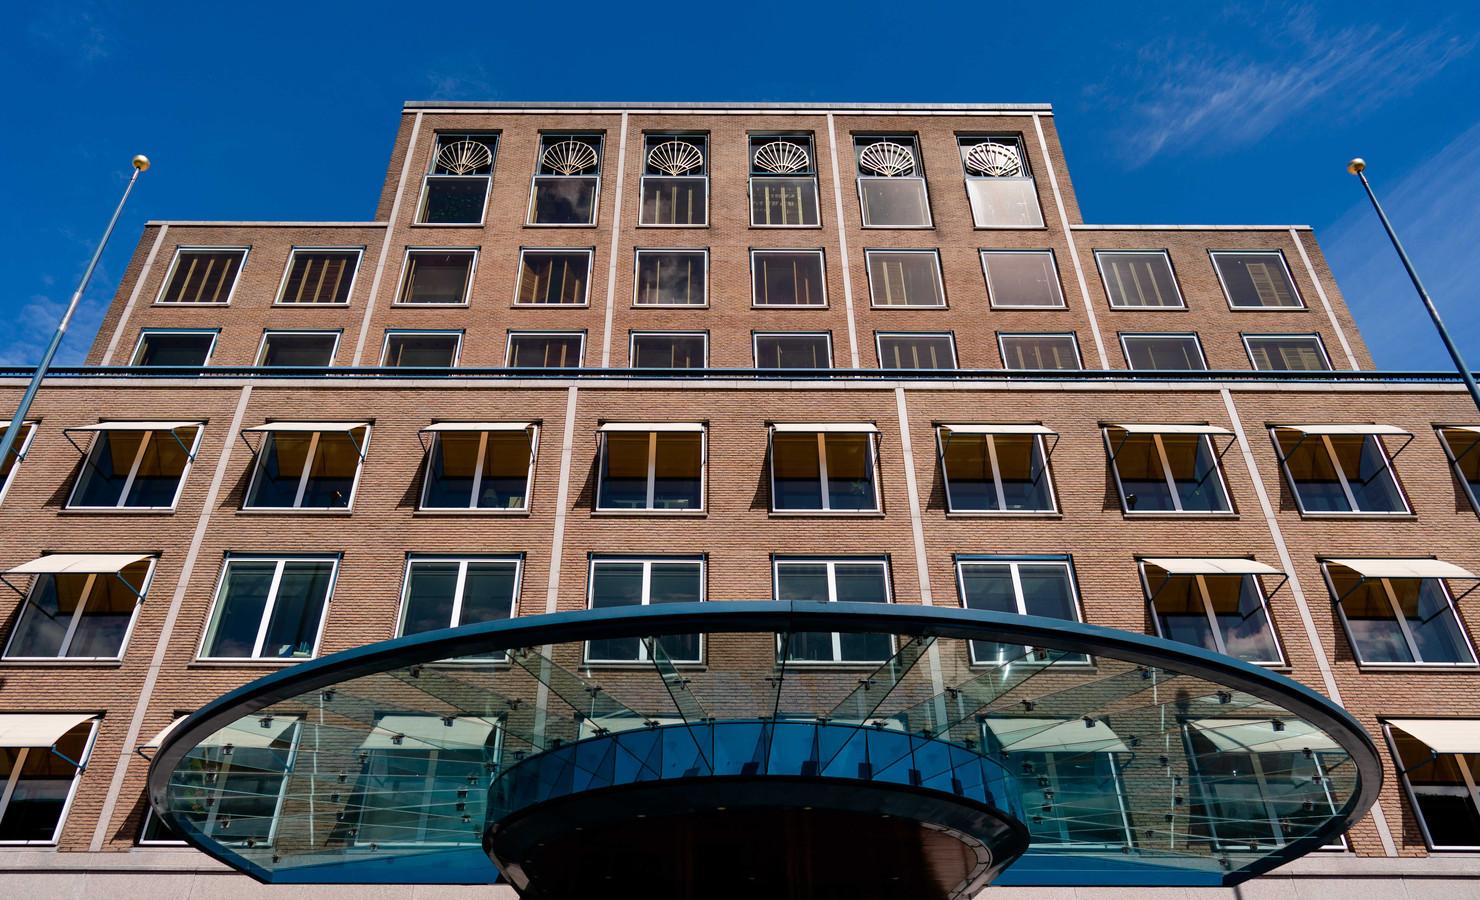 Het hoofdkantoor van Shell in Den Haag. Met alle uitbreidingen van de afgelopen 100 jaar is het complex een stadje geworden in de wijk Benoordenhout.